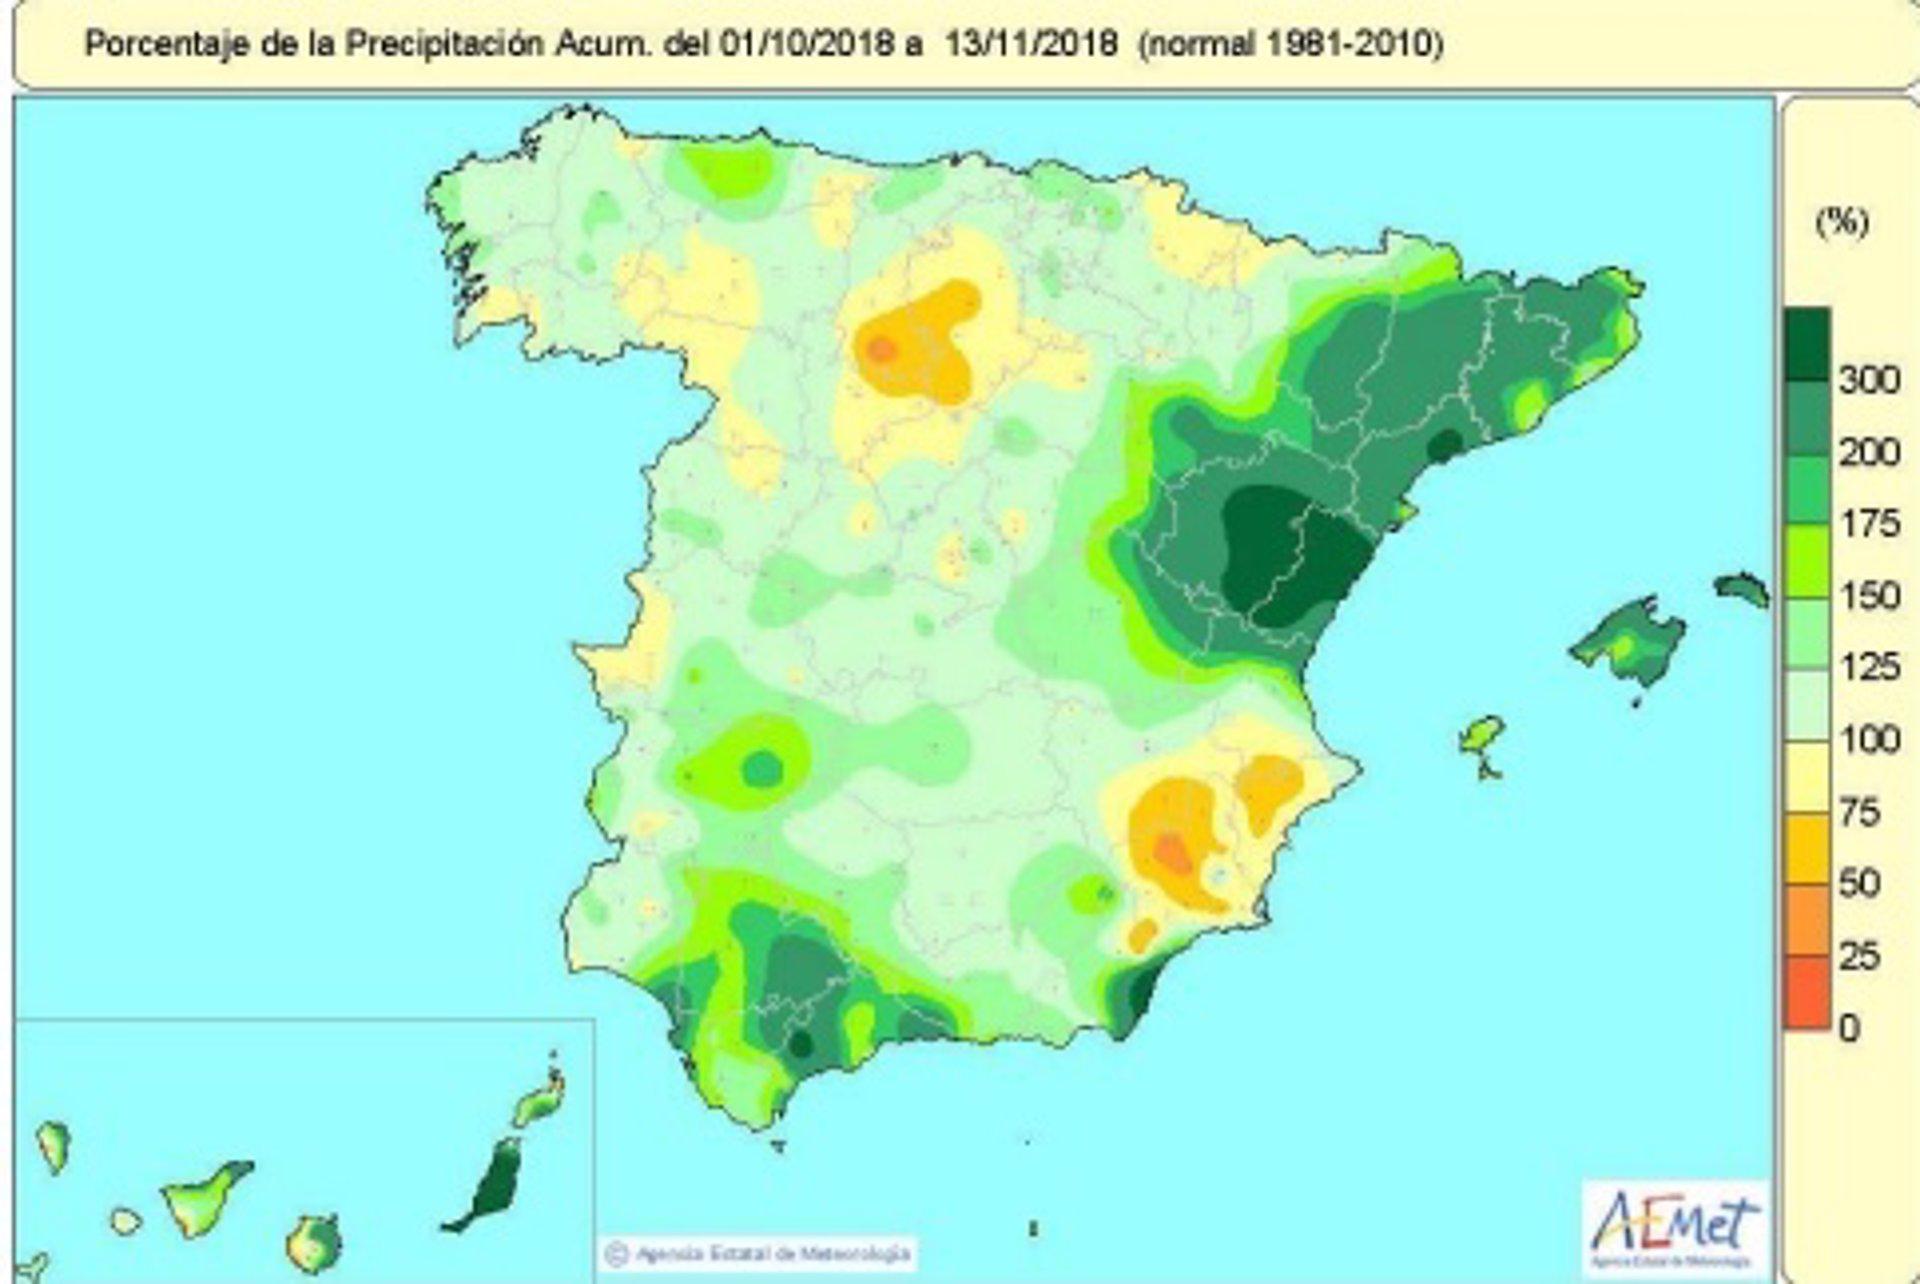 Las lluvias superan en un 35% su valor normal, alcanzando en Mallorca 60 litros por metro cuadrado